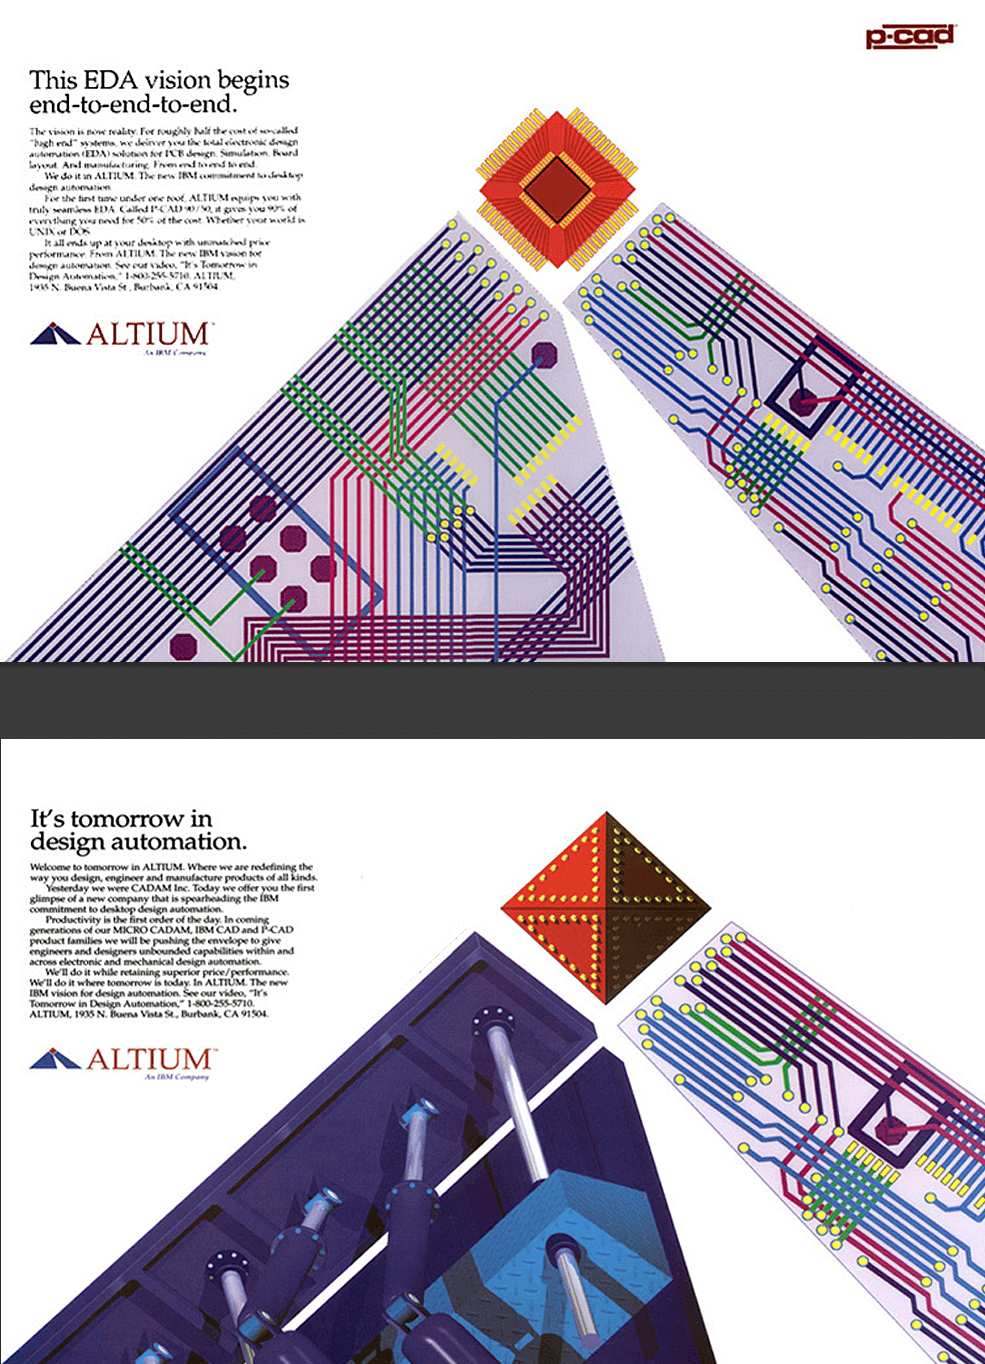 IBM / Altium Print Ads